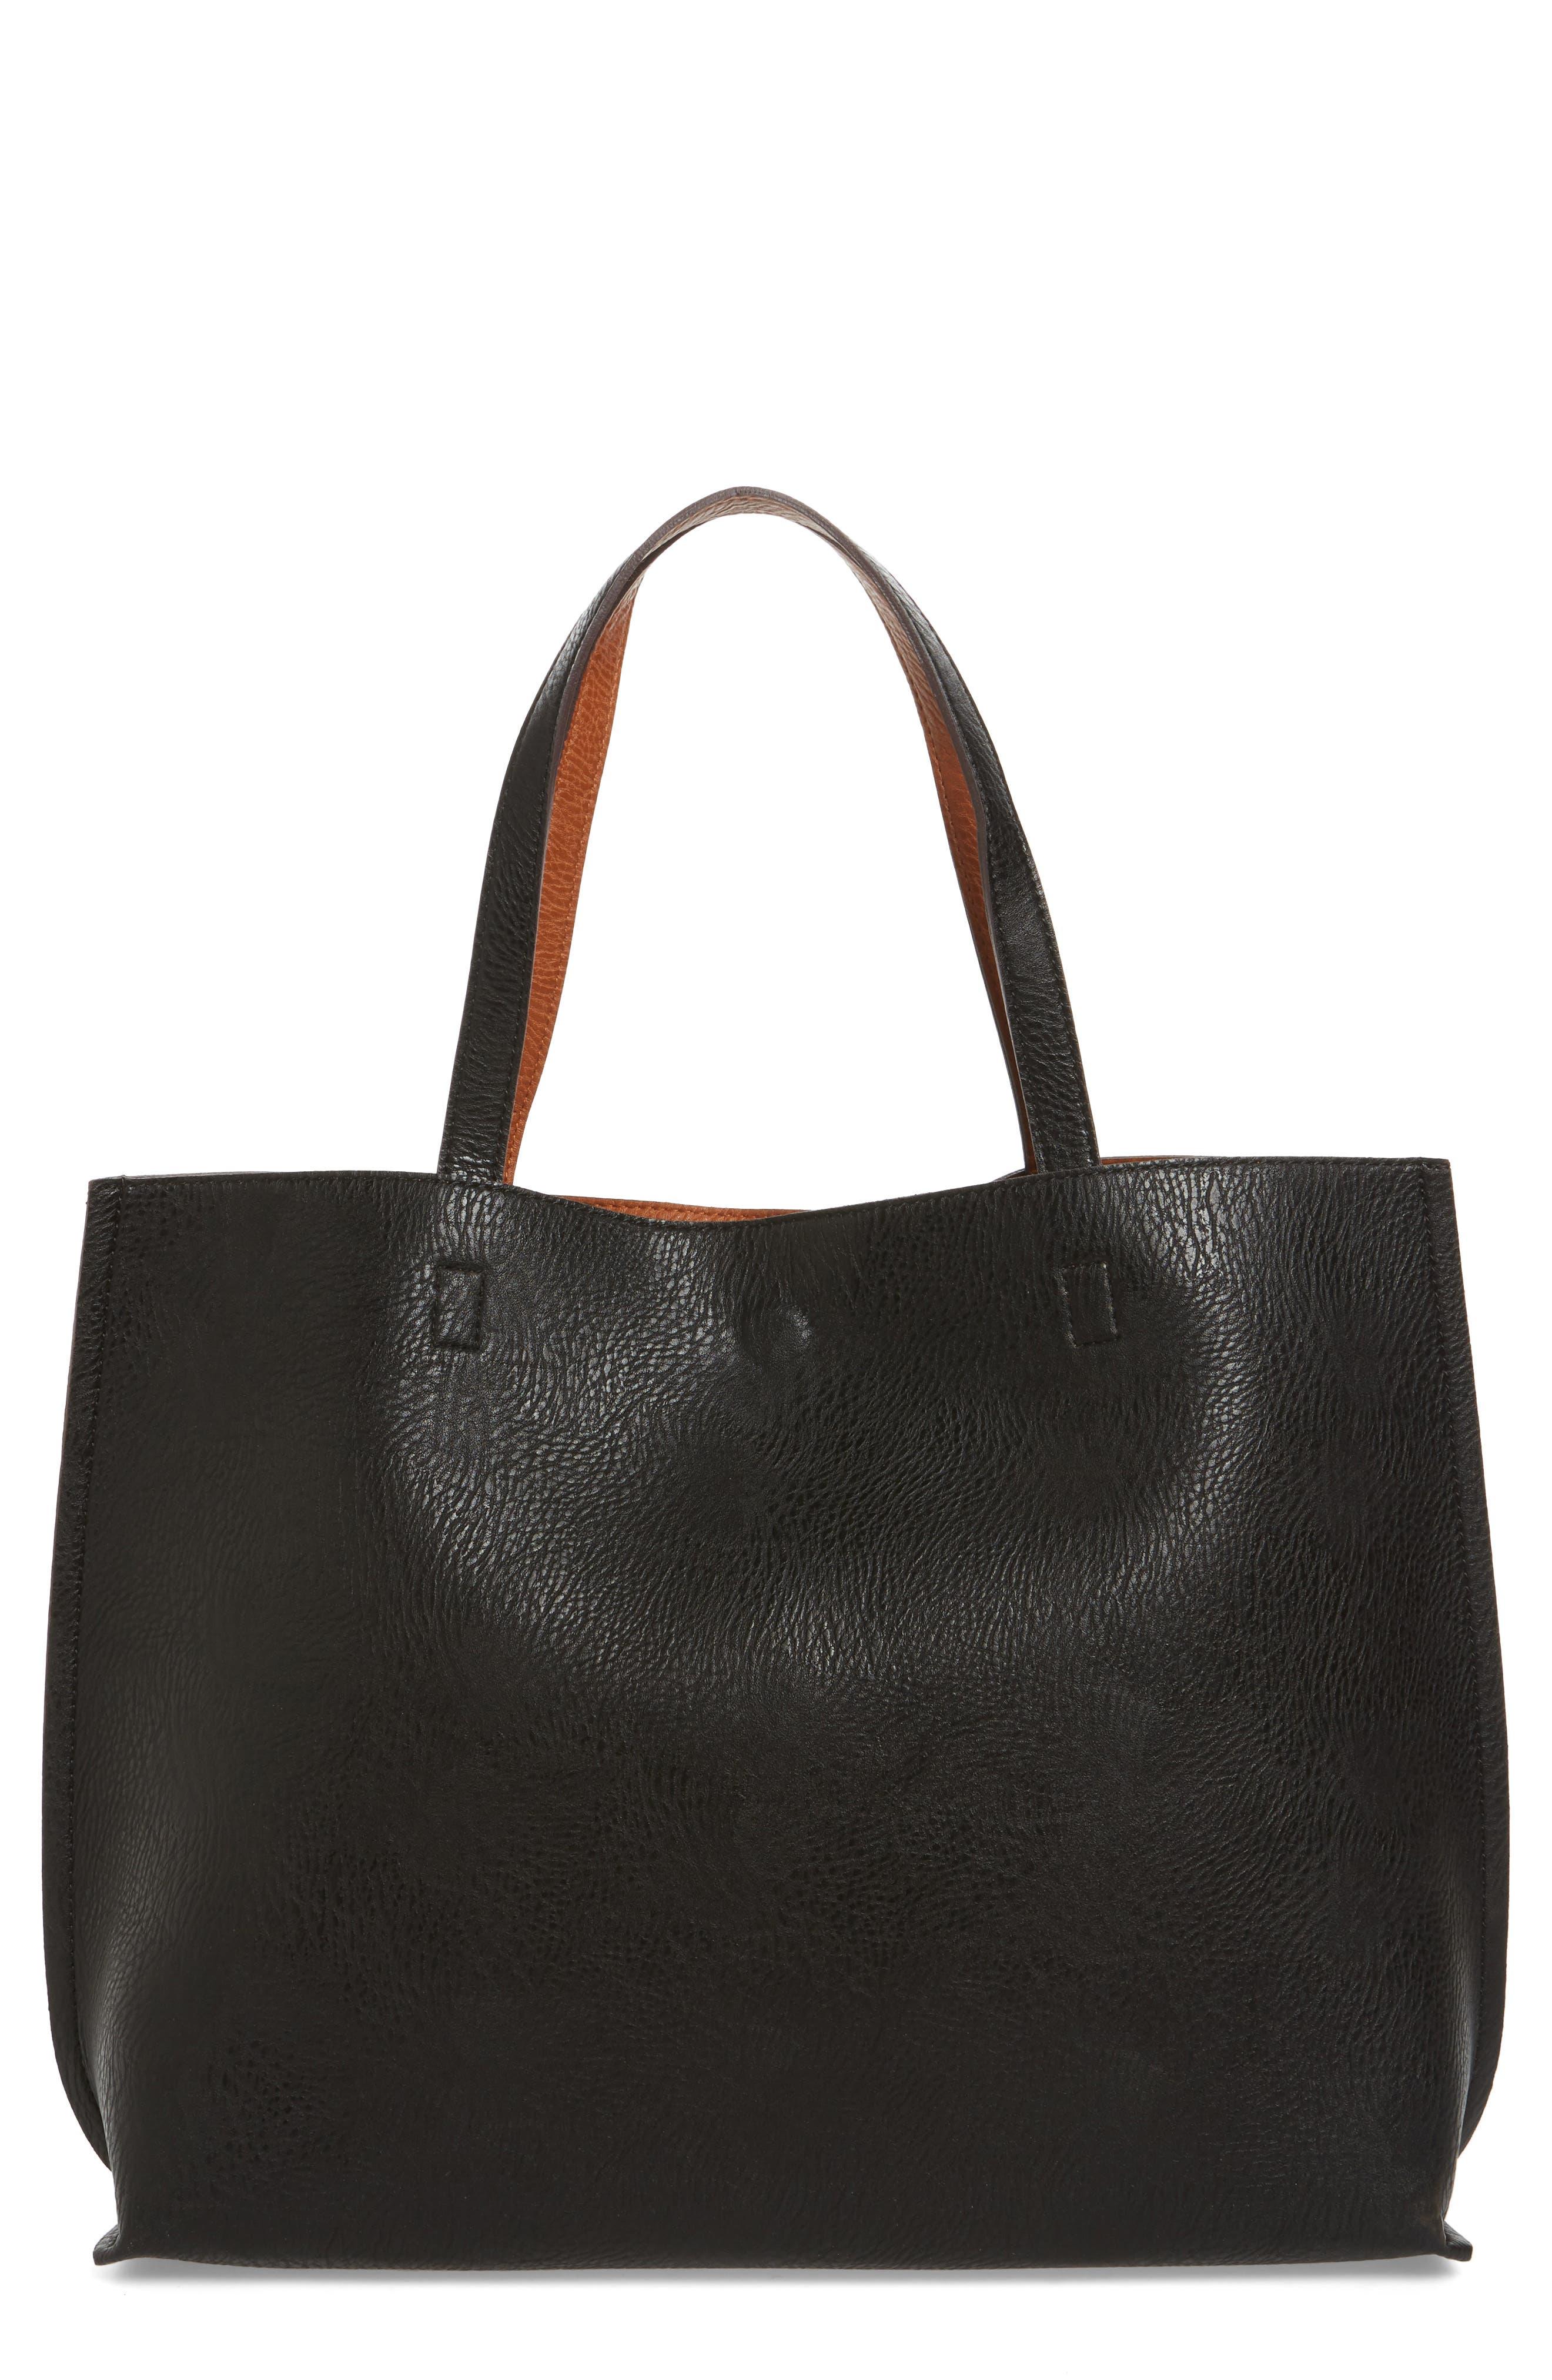 STREET LEVEL Reversible Faux Leather Tote & Wristlet, Main, color, BLACK/ COGNAC